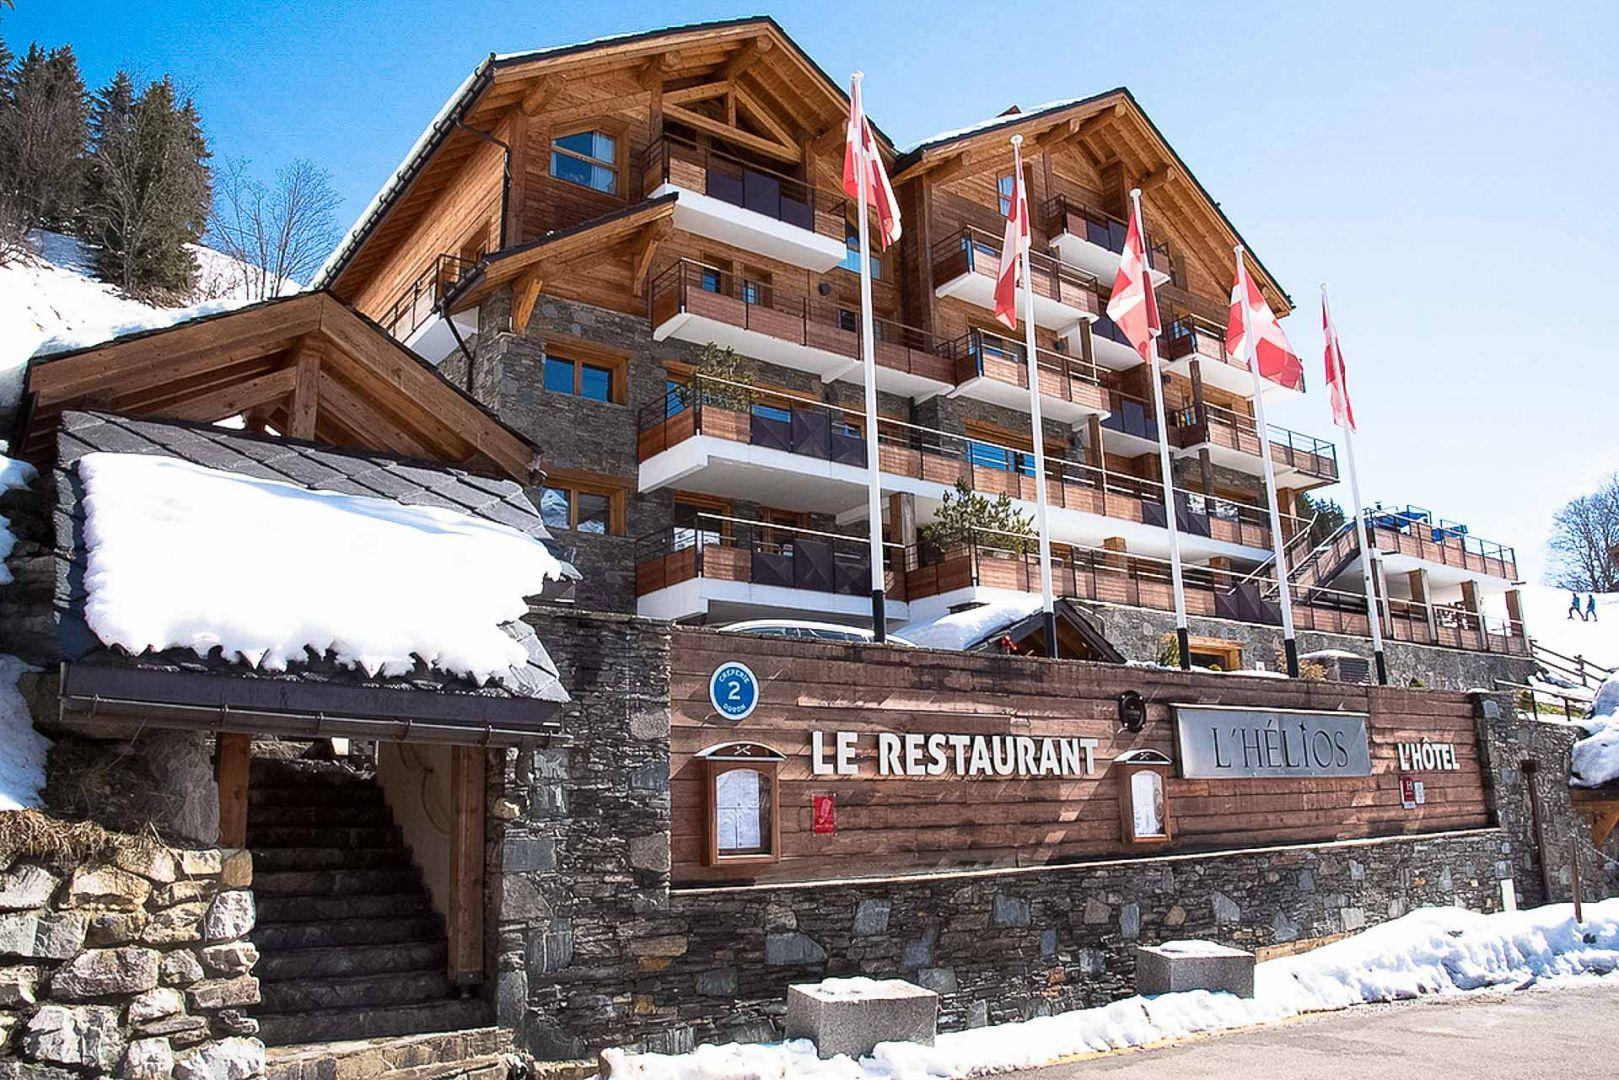 L'Hélios Hôtel & Spa